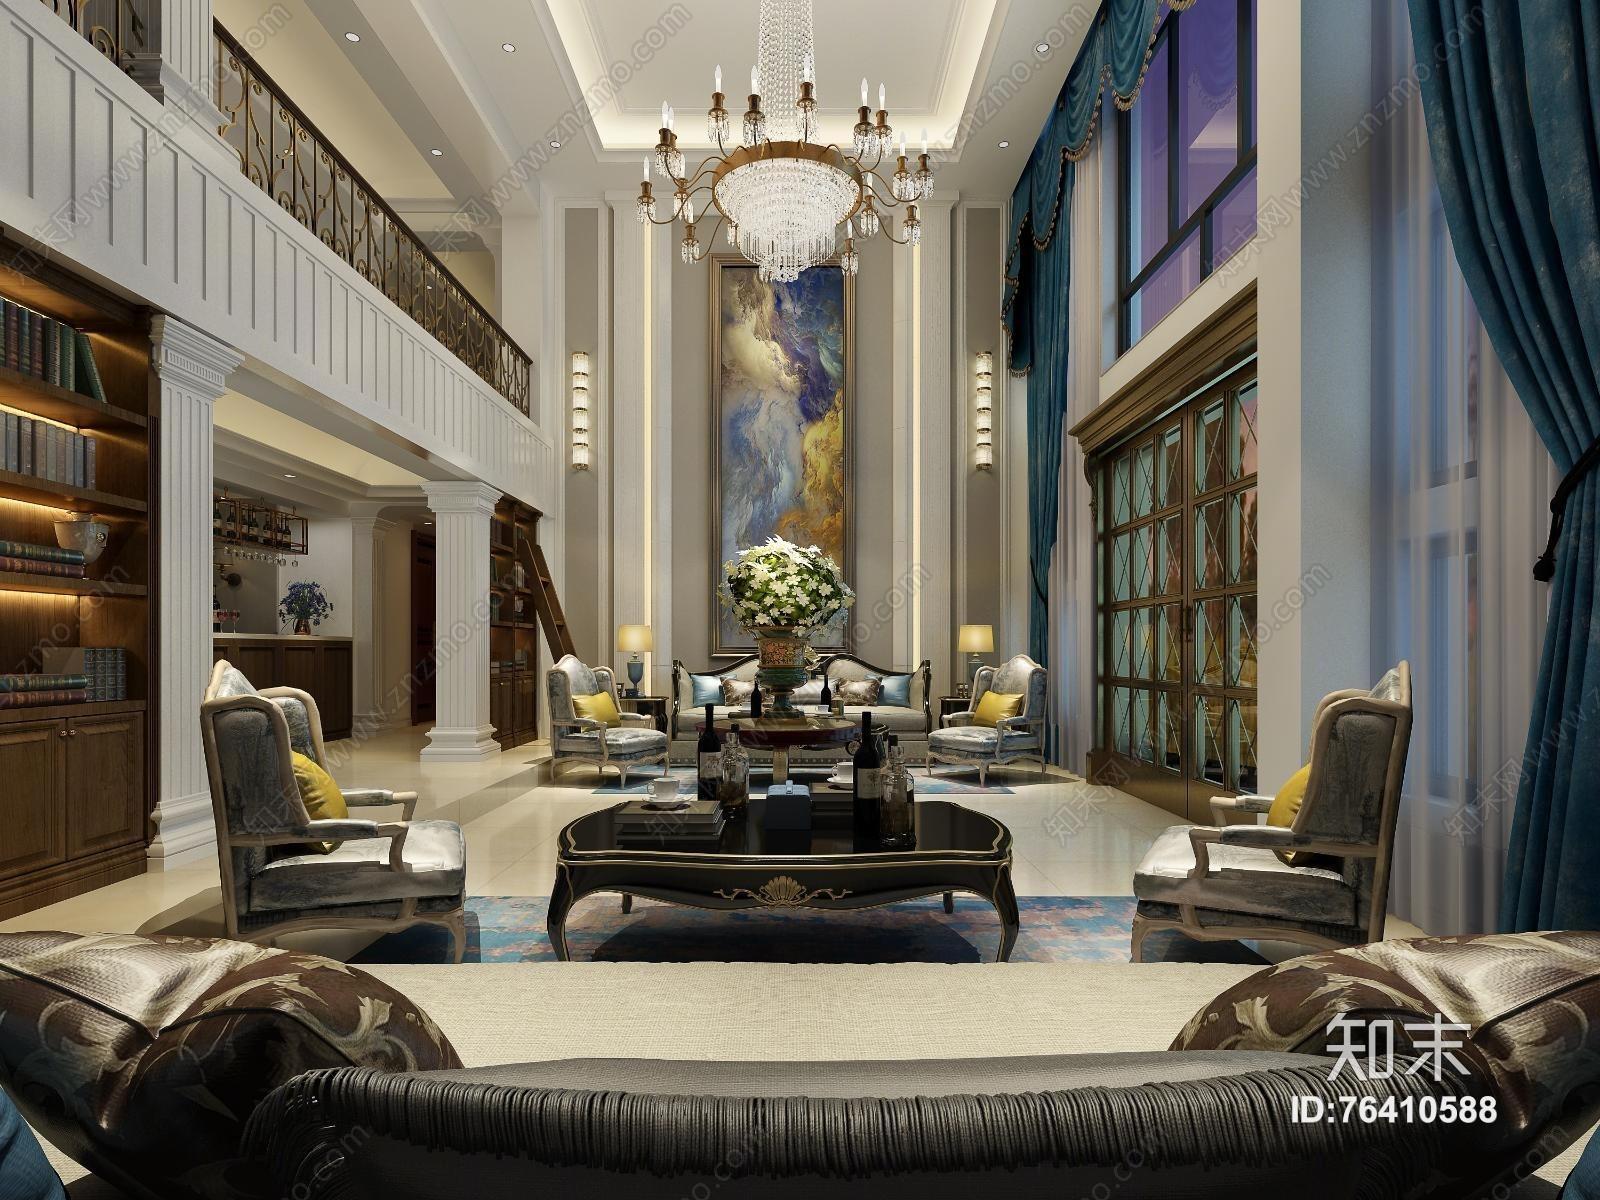 欧式古典别墅客厅 吊灯 台灯 壁灯 单双人沙发 茶几 装饰柜 摆件 挂画